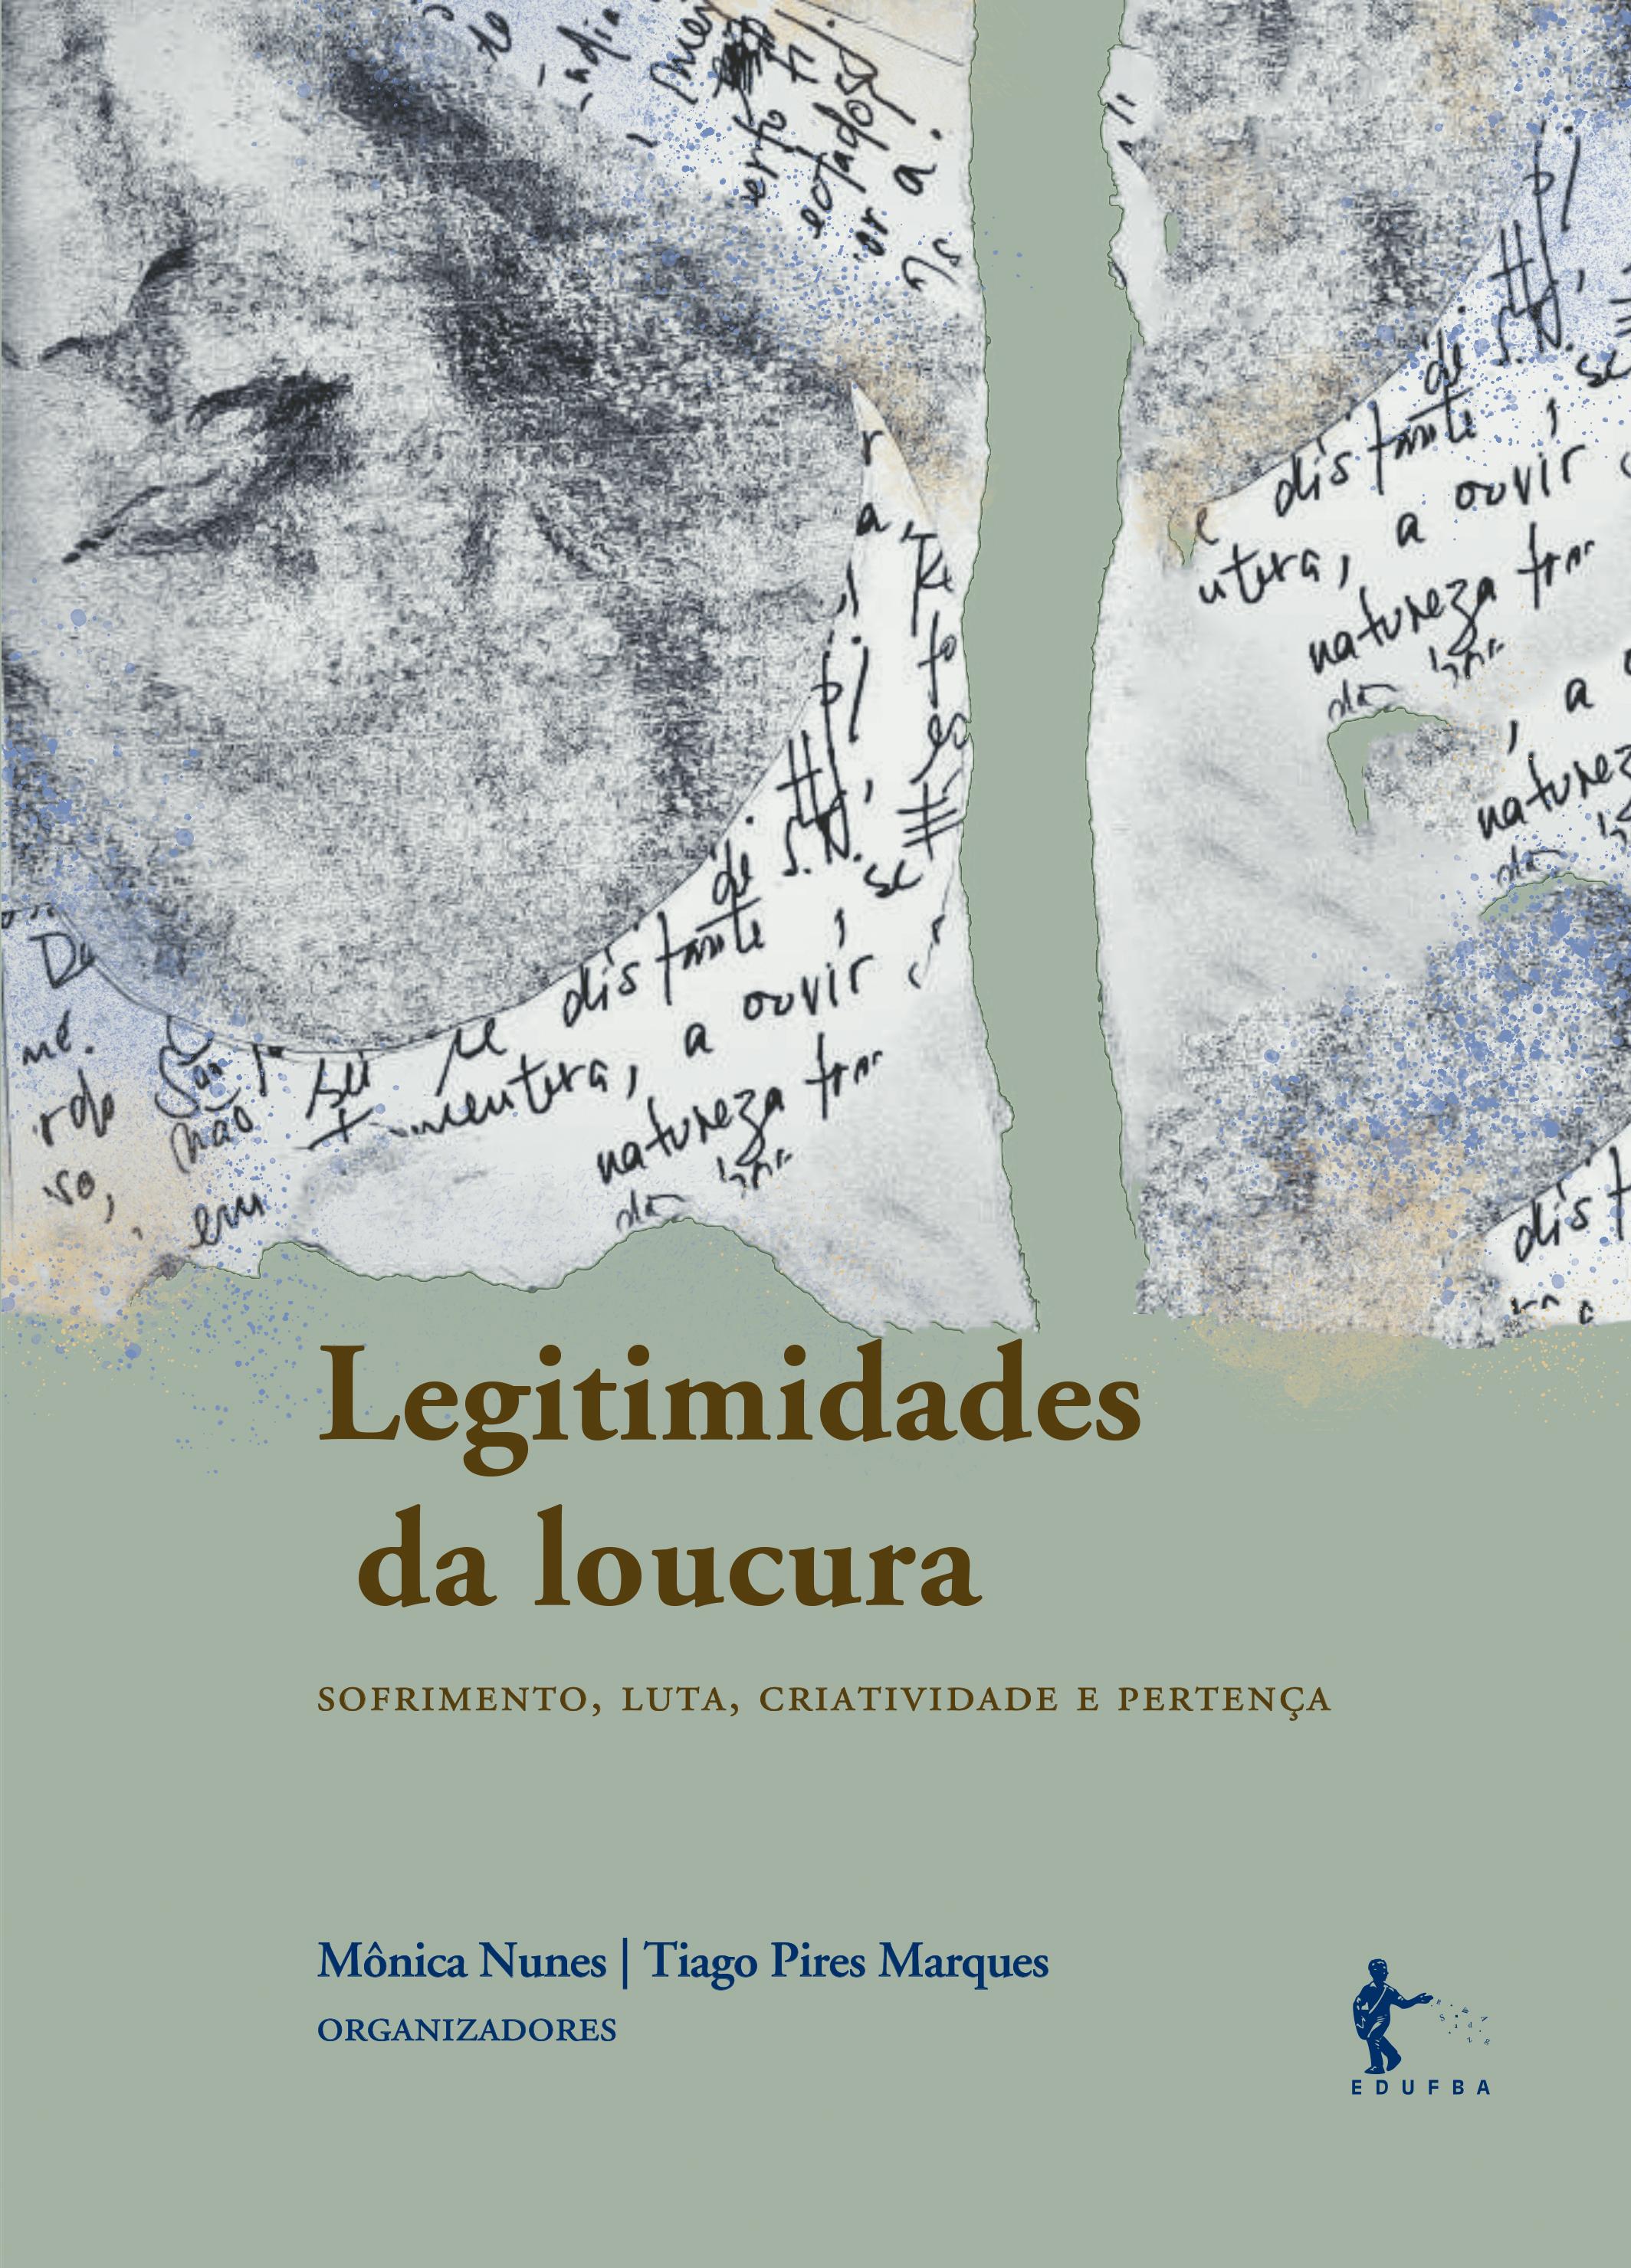 Legitimidades da loucura: sofrimento, luta, criatividade e pertença, livro de Mônica Nunes; Tiago Pires Marques